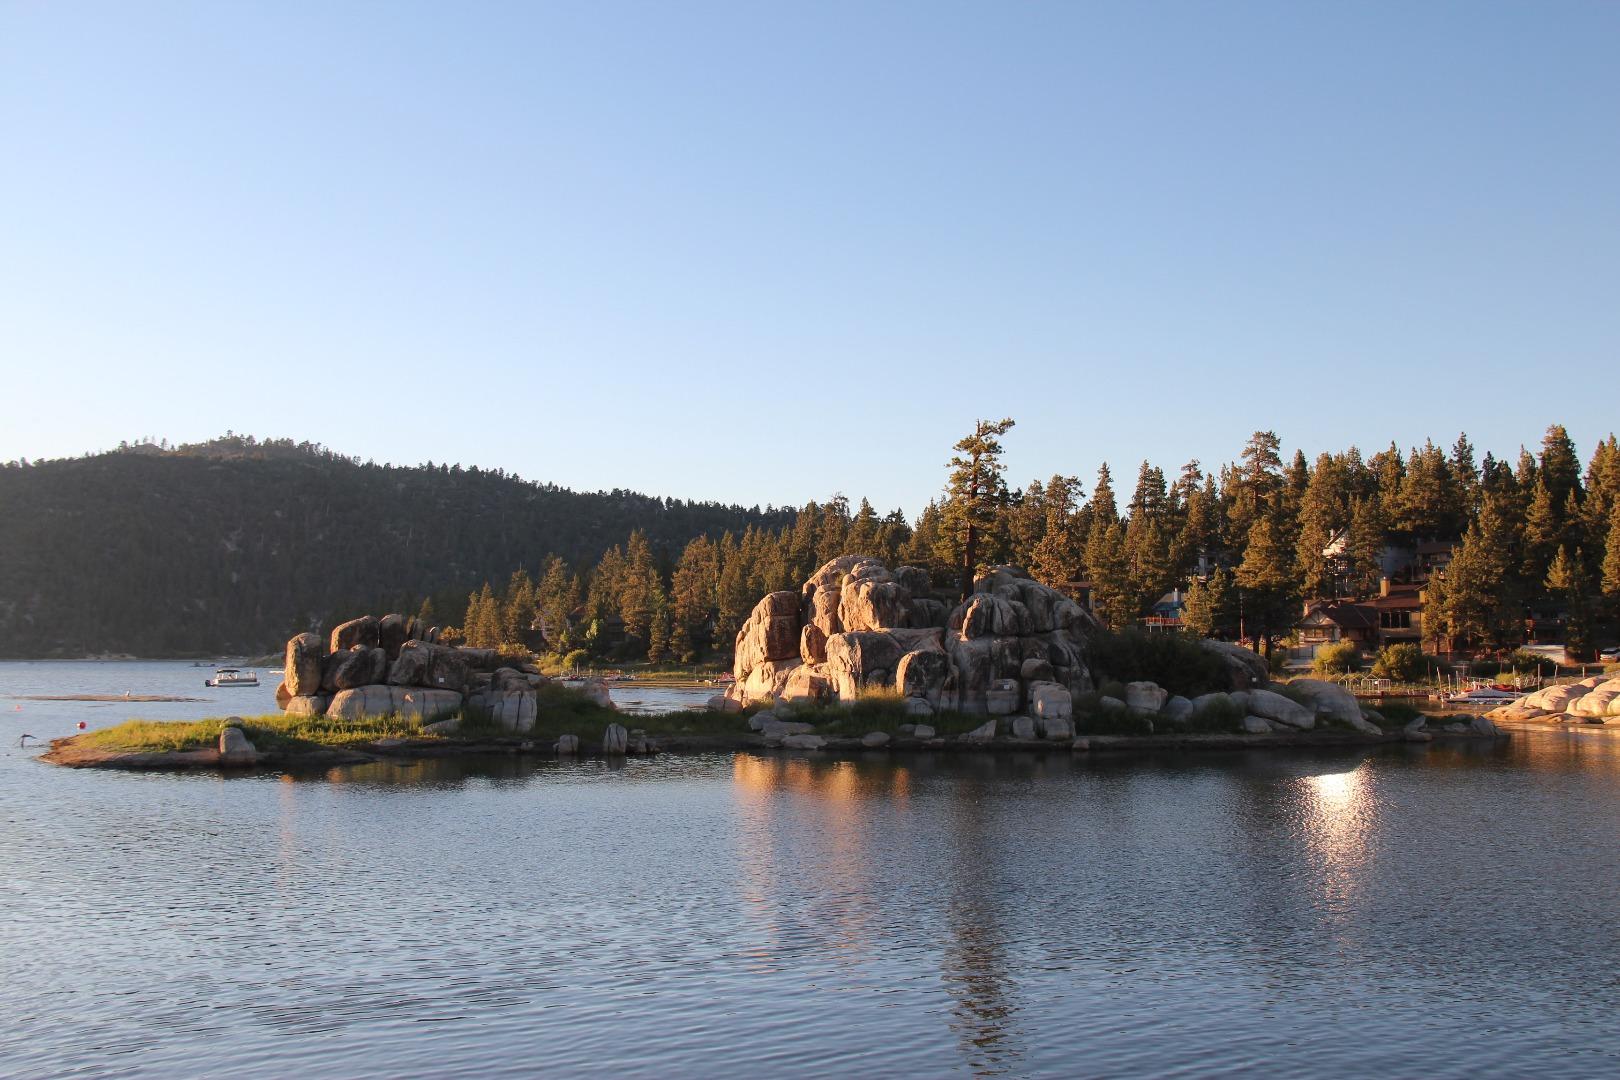 大熊湖是美国南加州圣贝纳迪诺国家森林(San Bernardino National Forest)里的一个小小的城市和湖泊。我们是沿着330号弯弯曲曲的山路开车上去的。